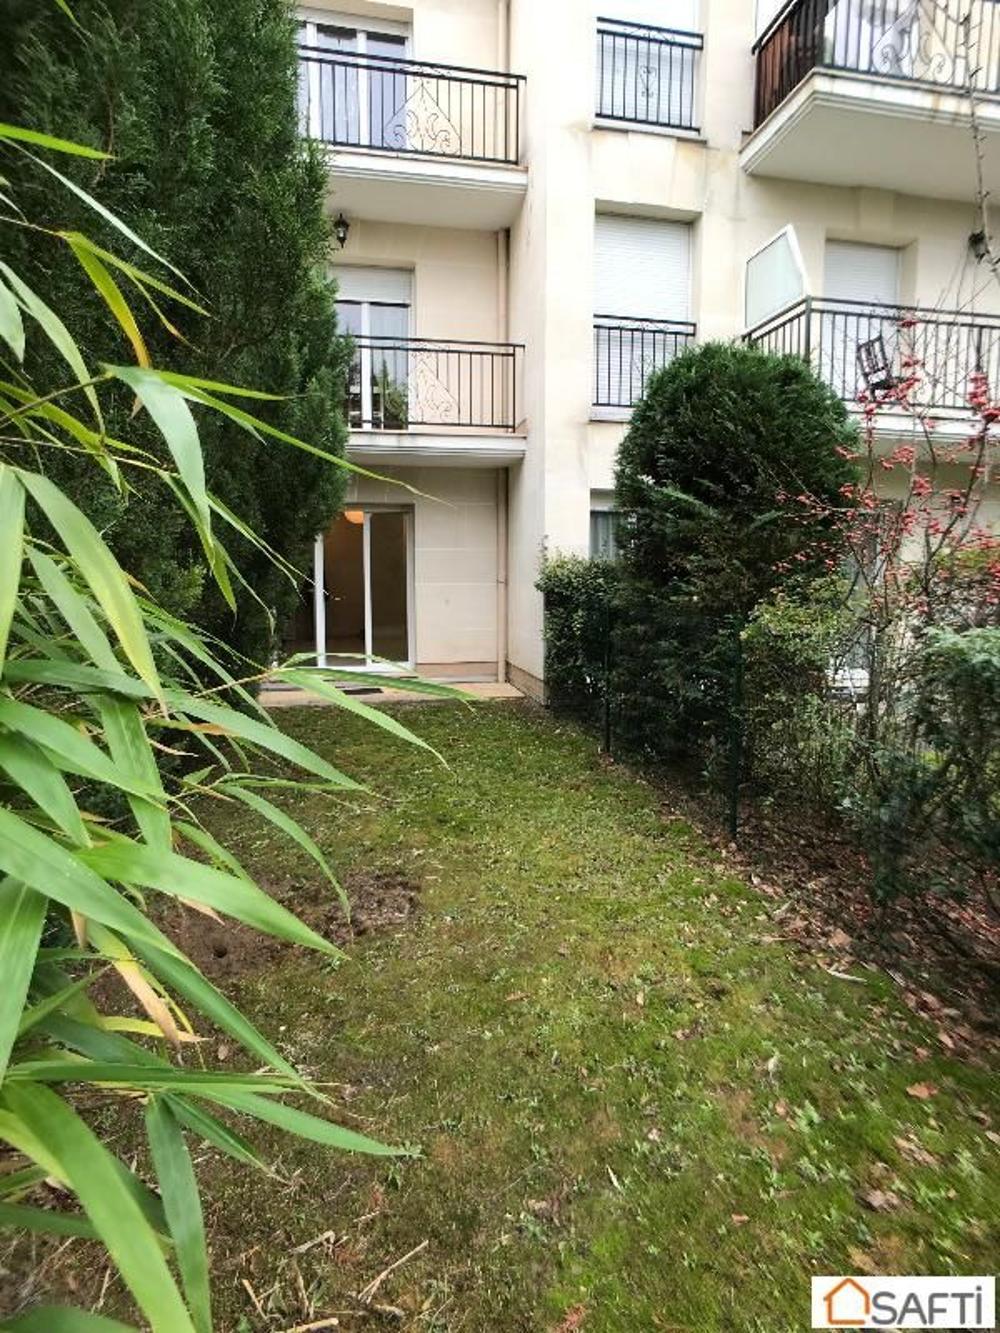 Bry-sur-Marne Val-de-Marne Apartment Bild 3463514